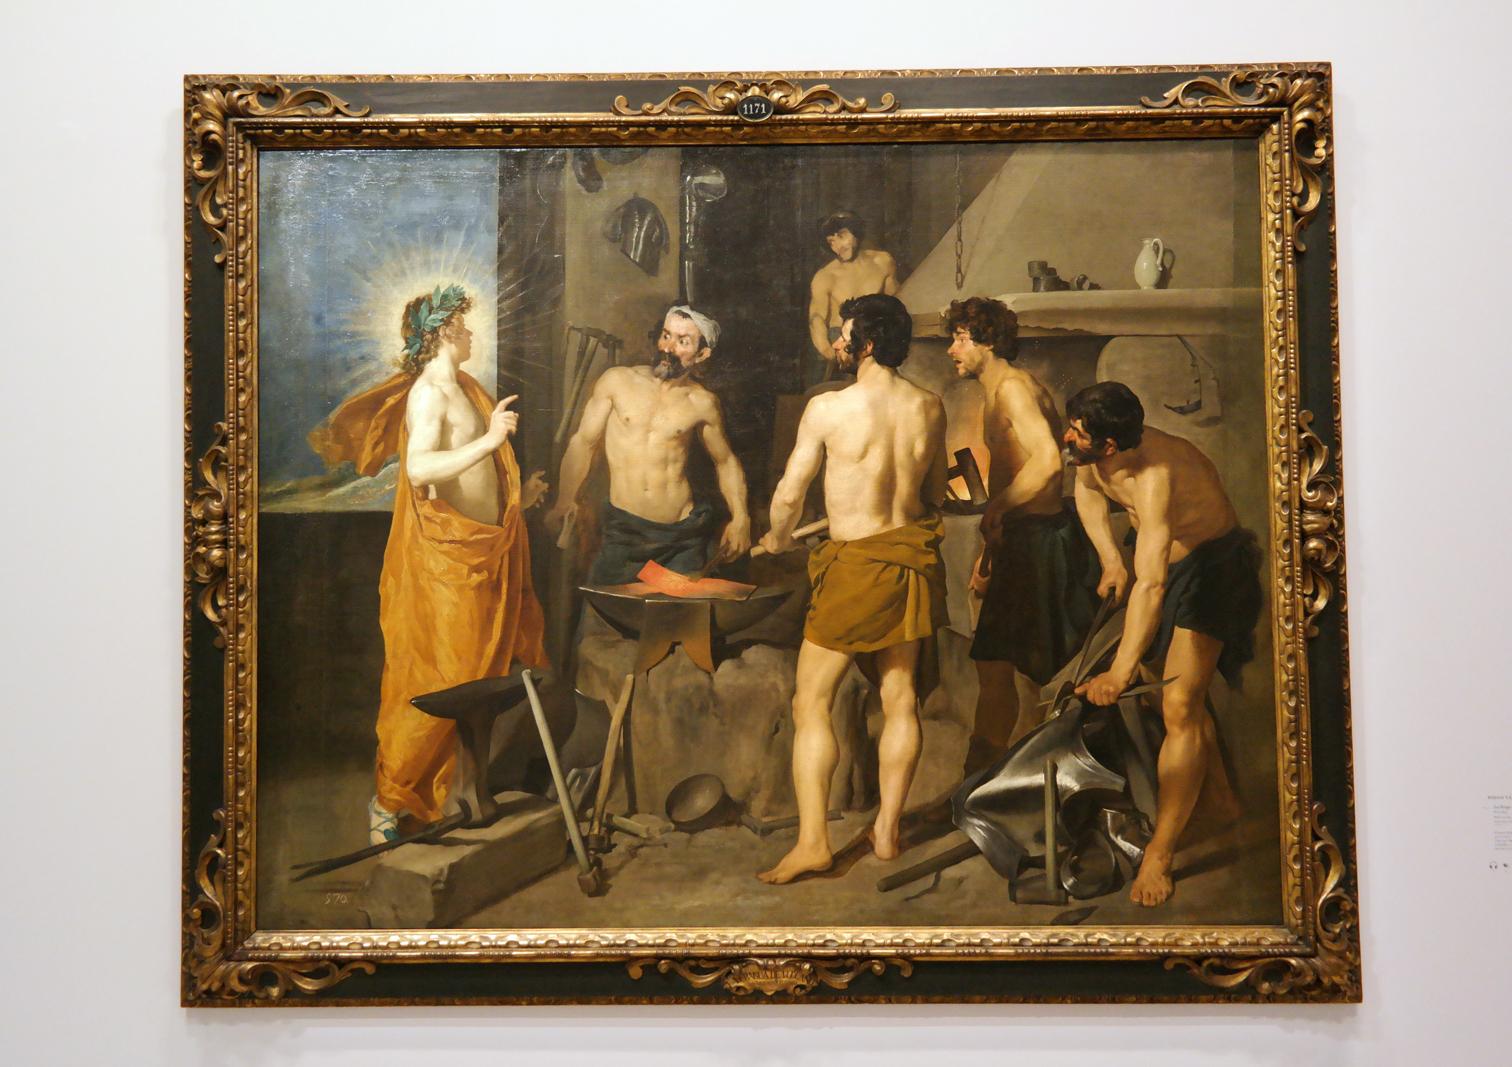 La Forge de Vulcain, vers 1630, Diego Velazquez, Madrid, Museo Nacional del Prado